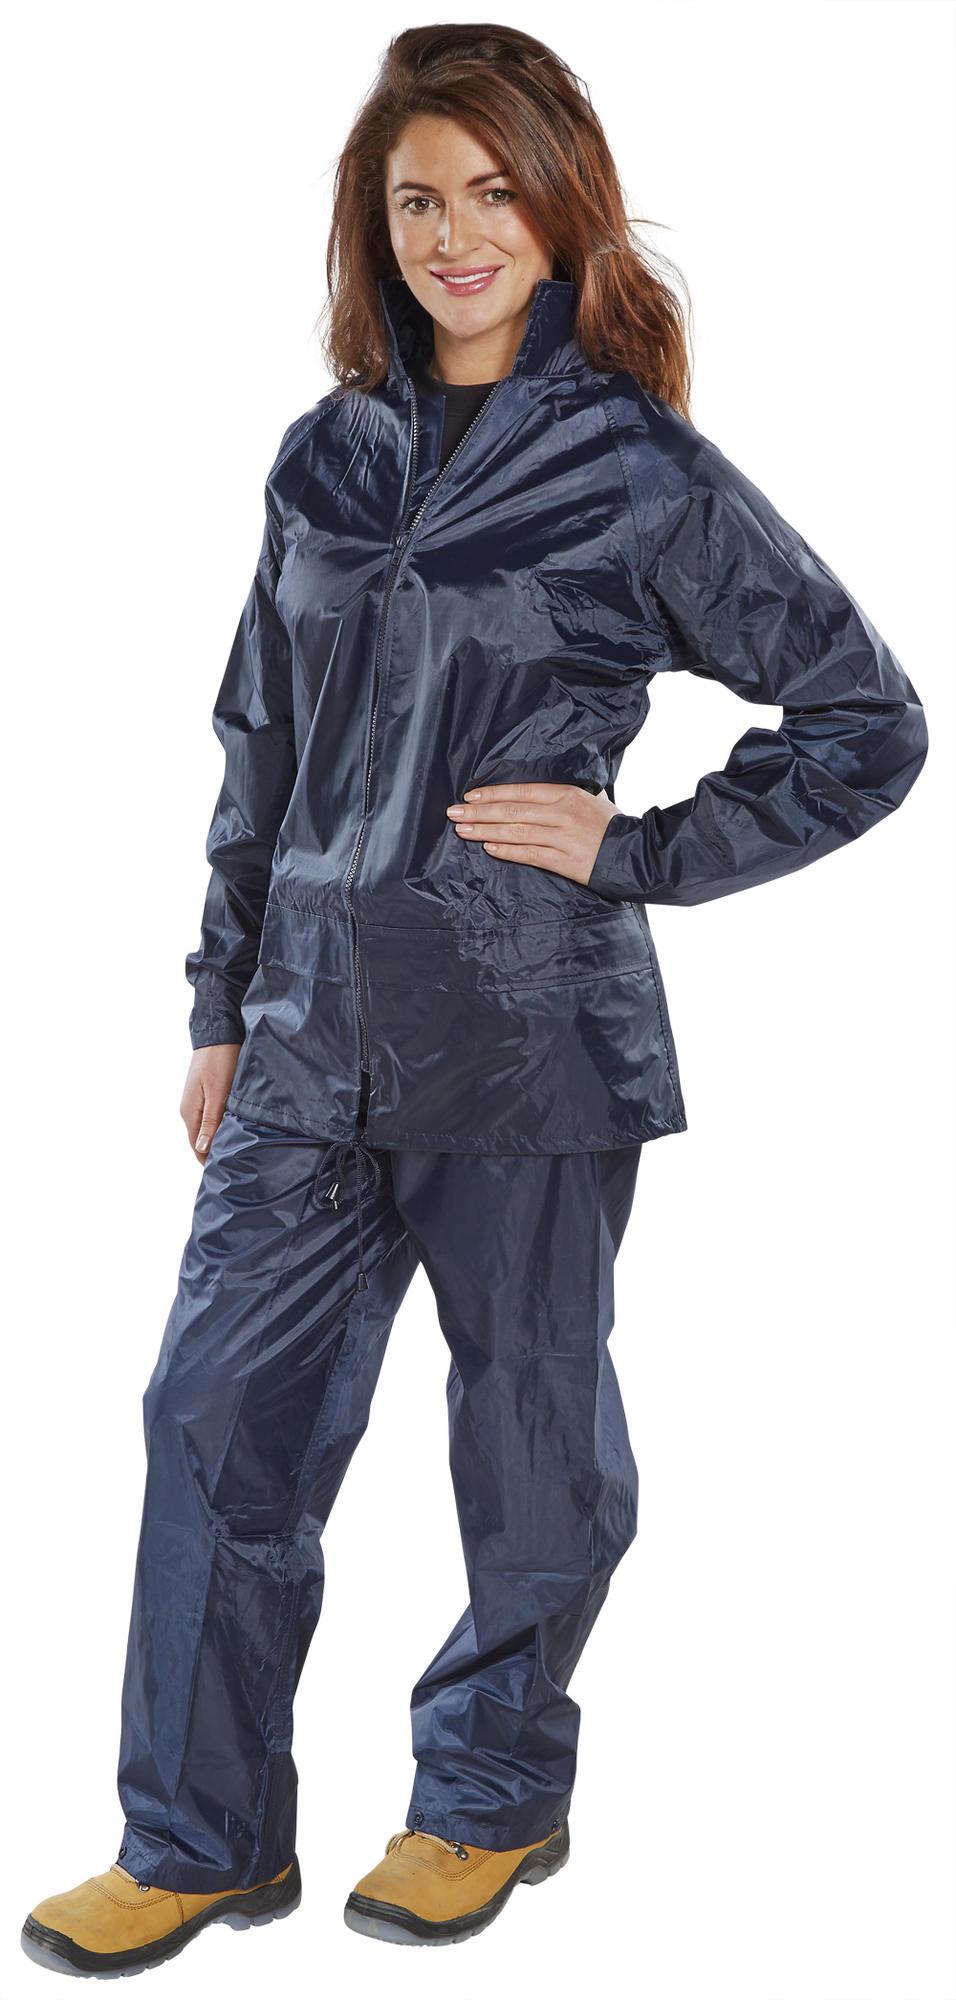 Αδιάβροχο κοστούμι B-Dri